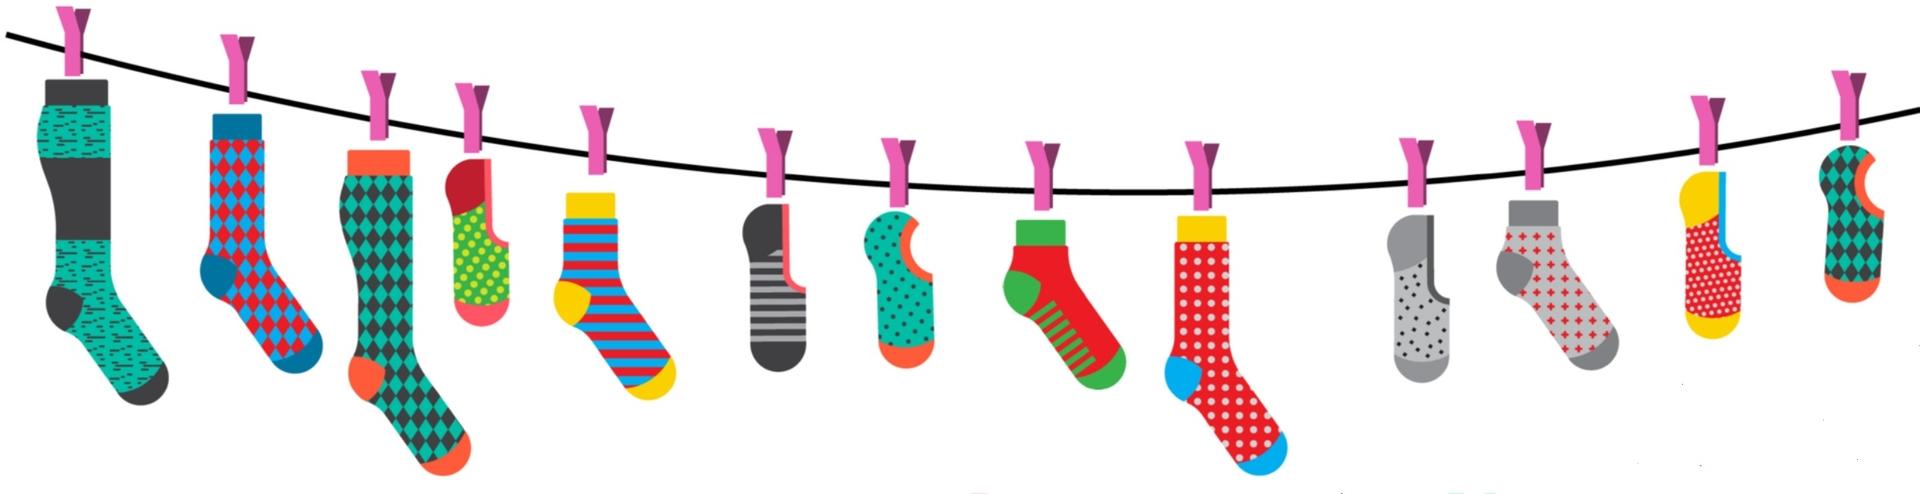 sokken kopen